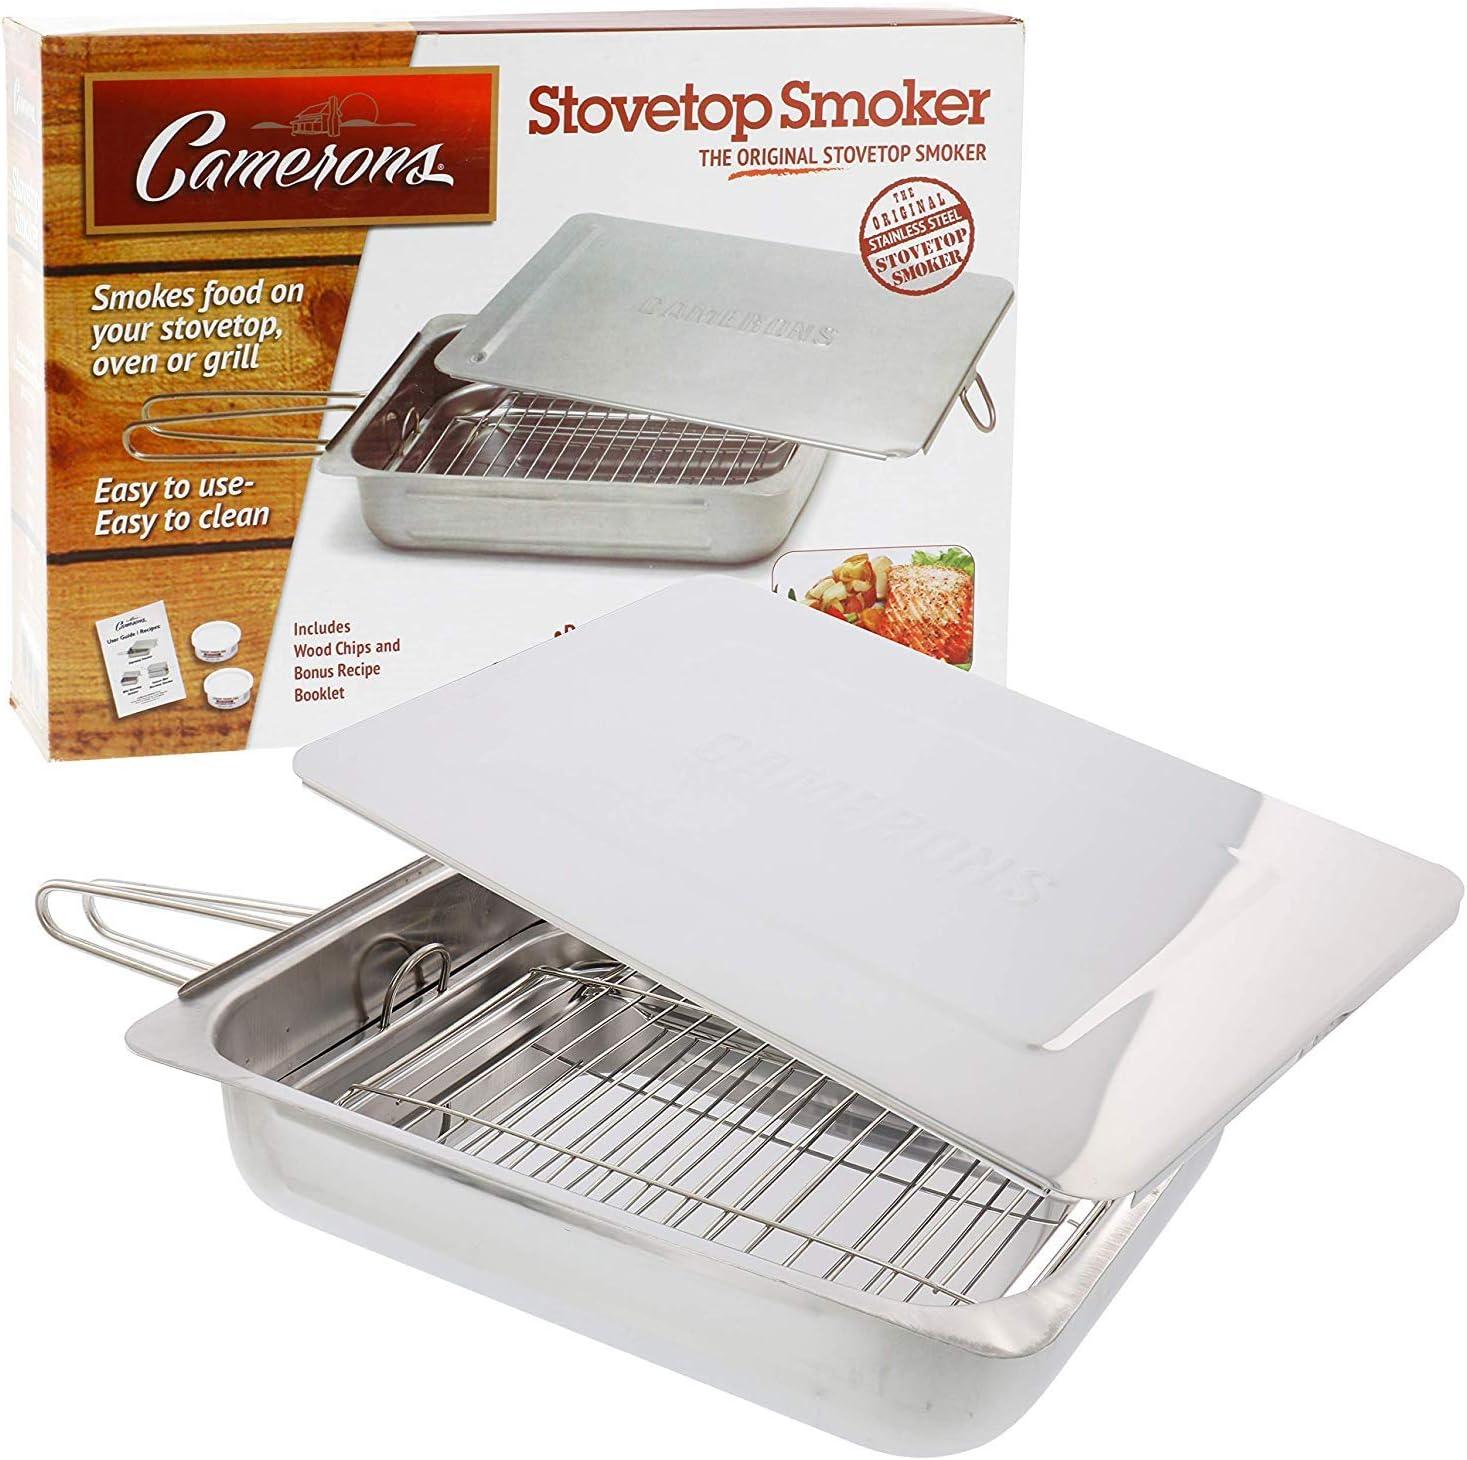 Fumador de estufa cameron, chips e instrucciones/libro de recetas.: Amazon.es: Hogar